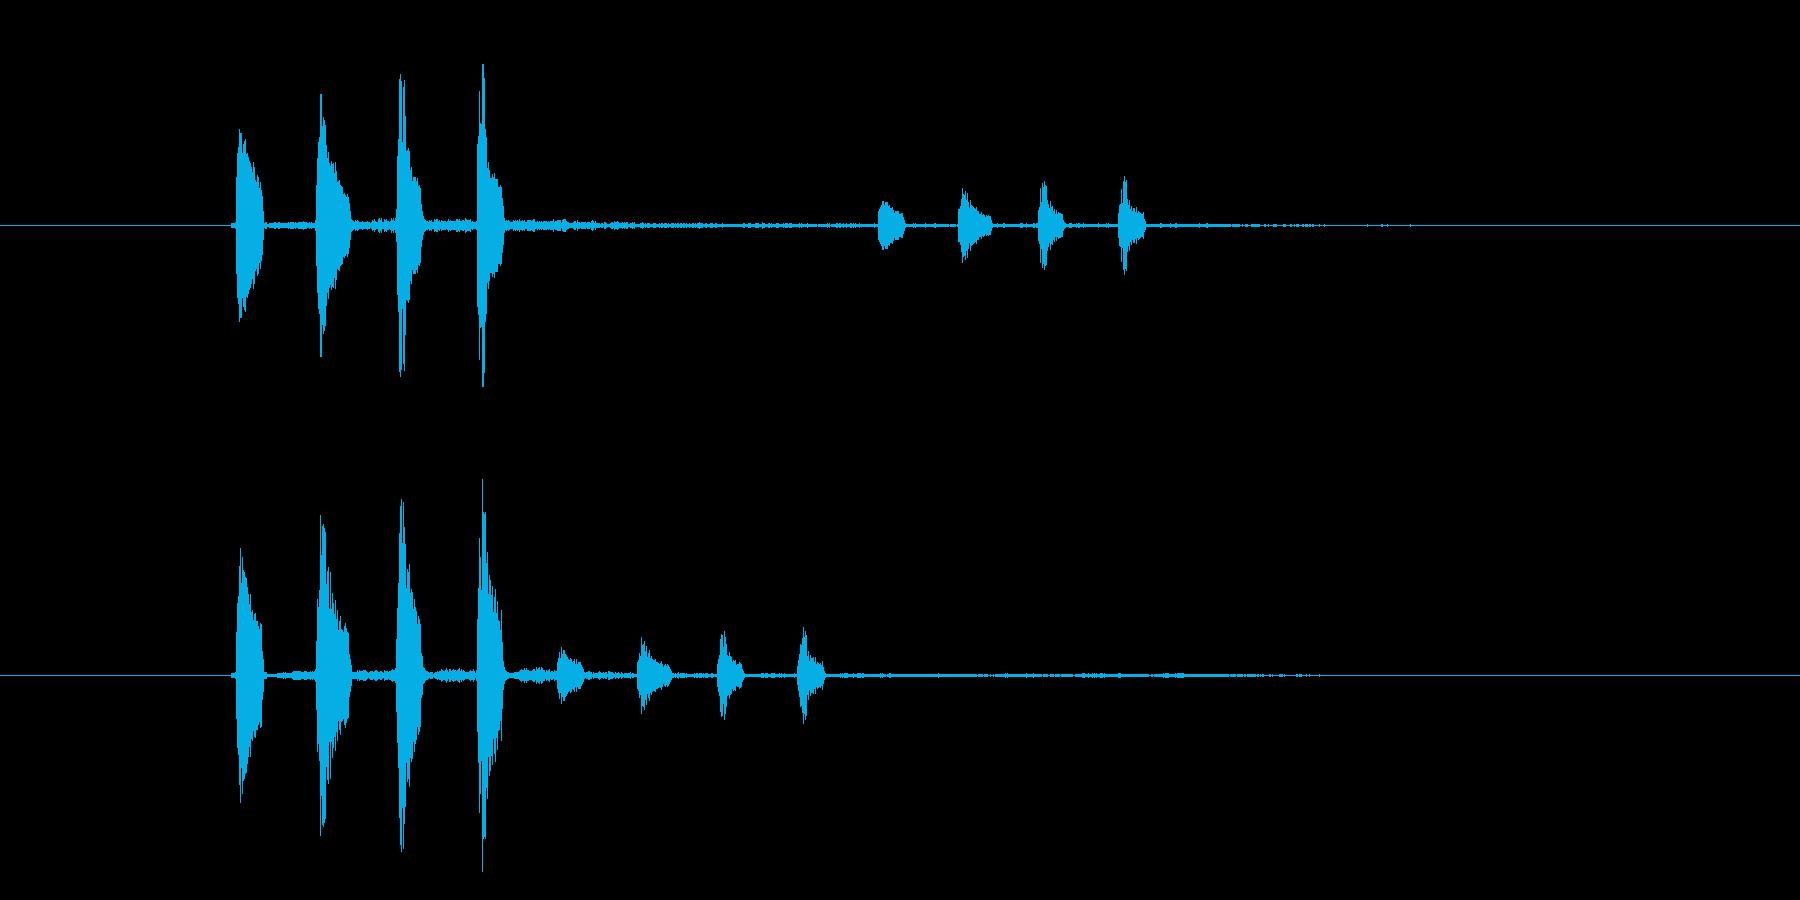 カンカンカン(金属、楽器)の再生済みの波形